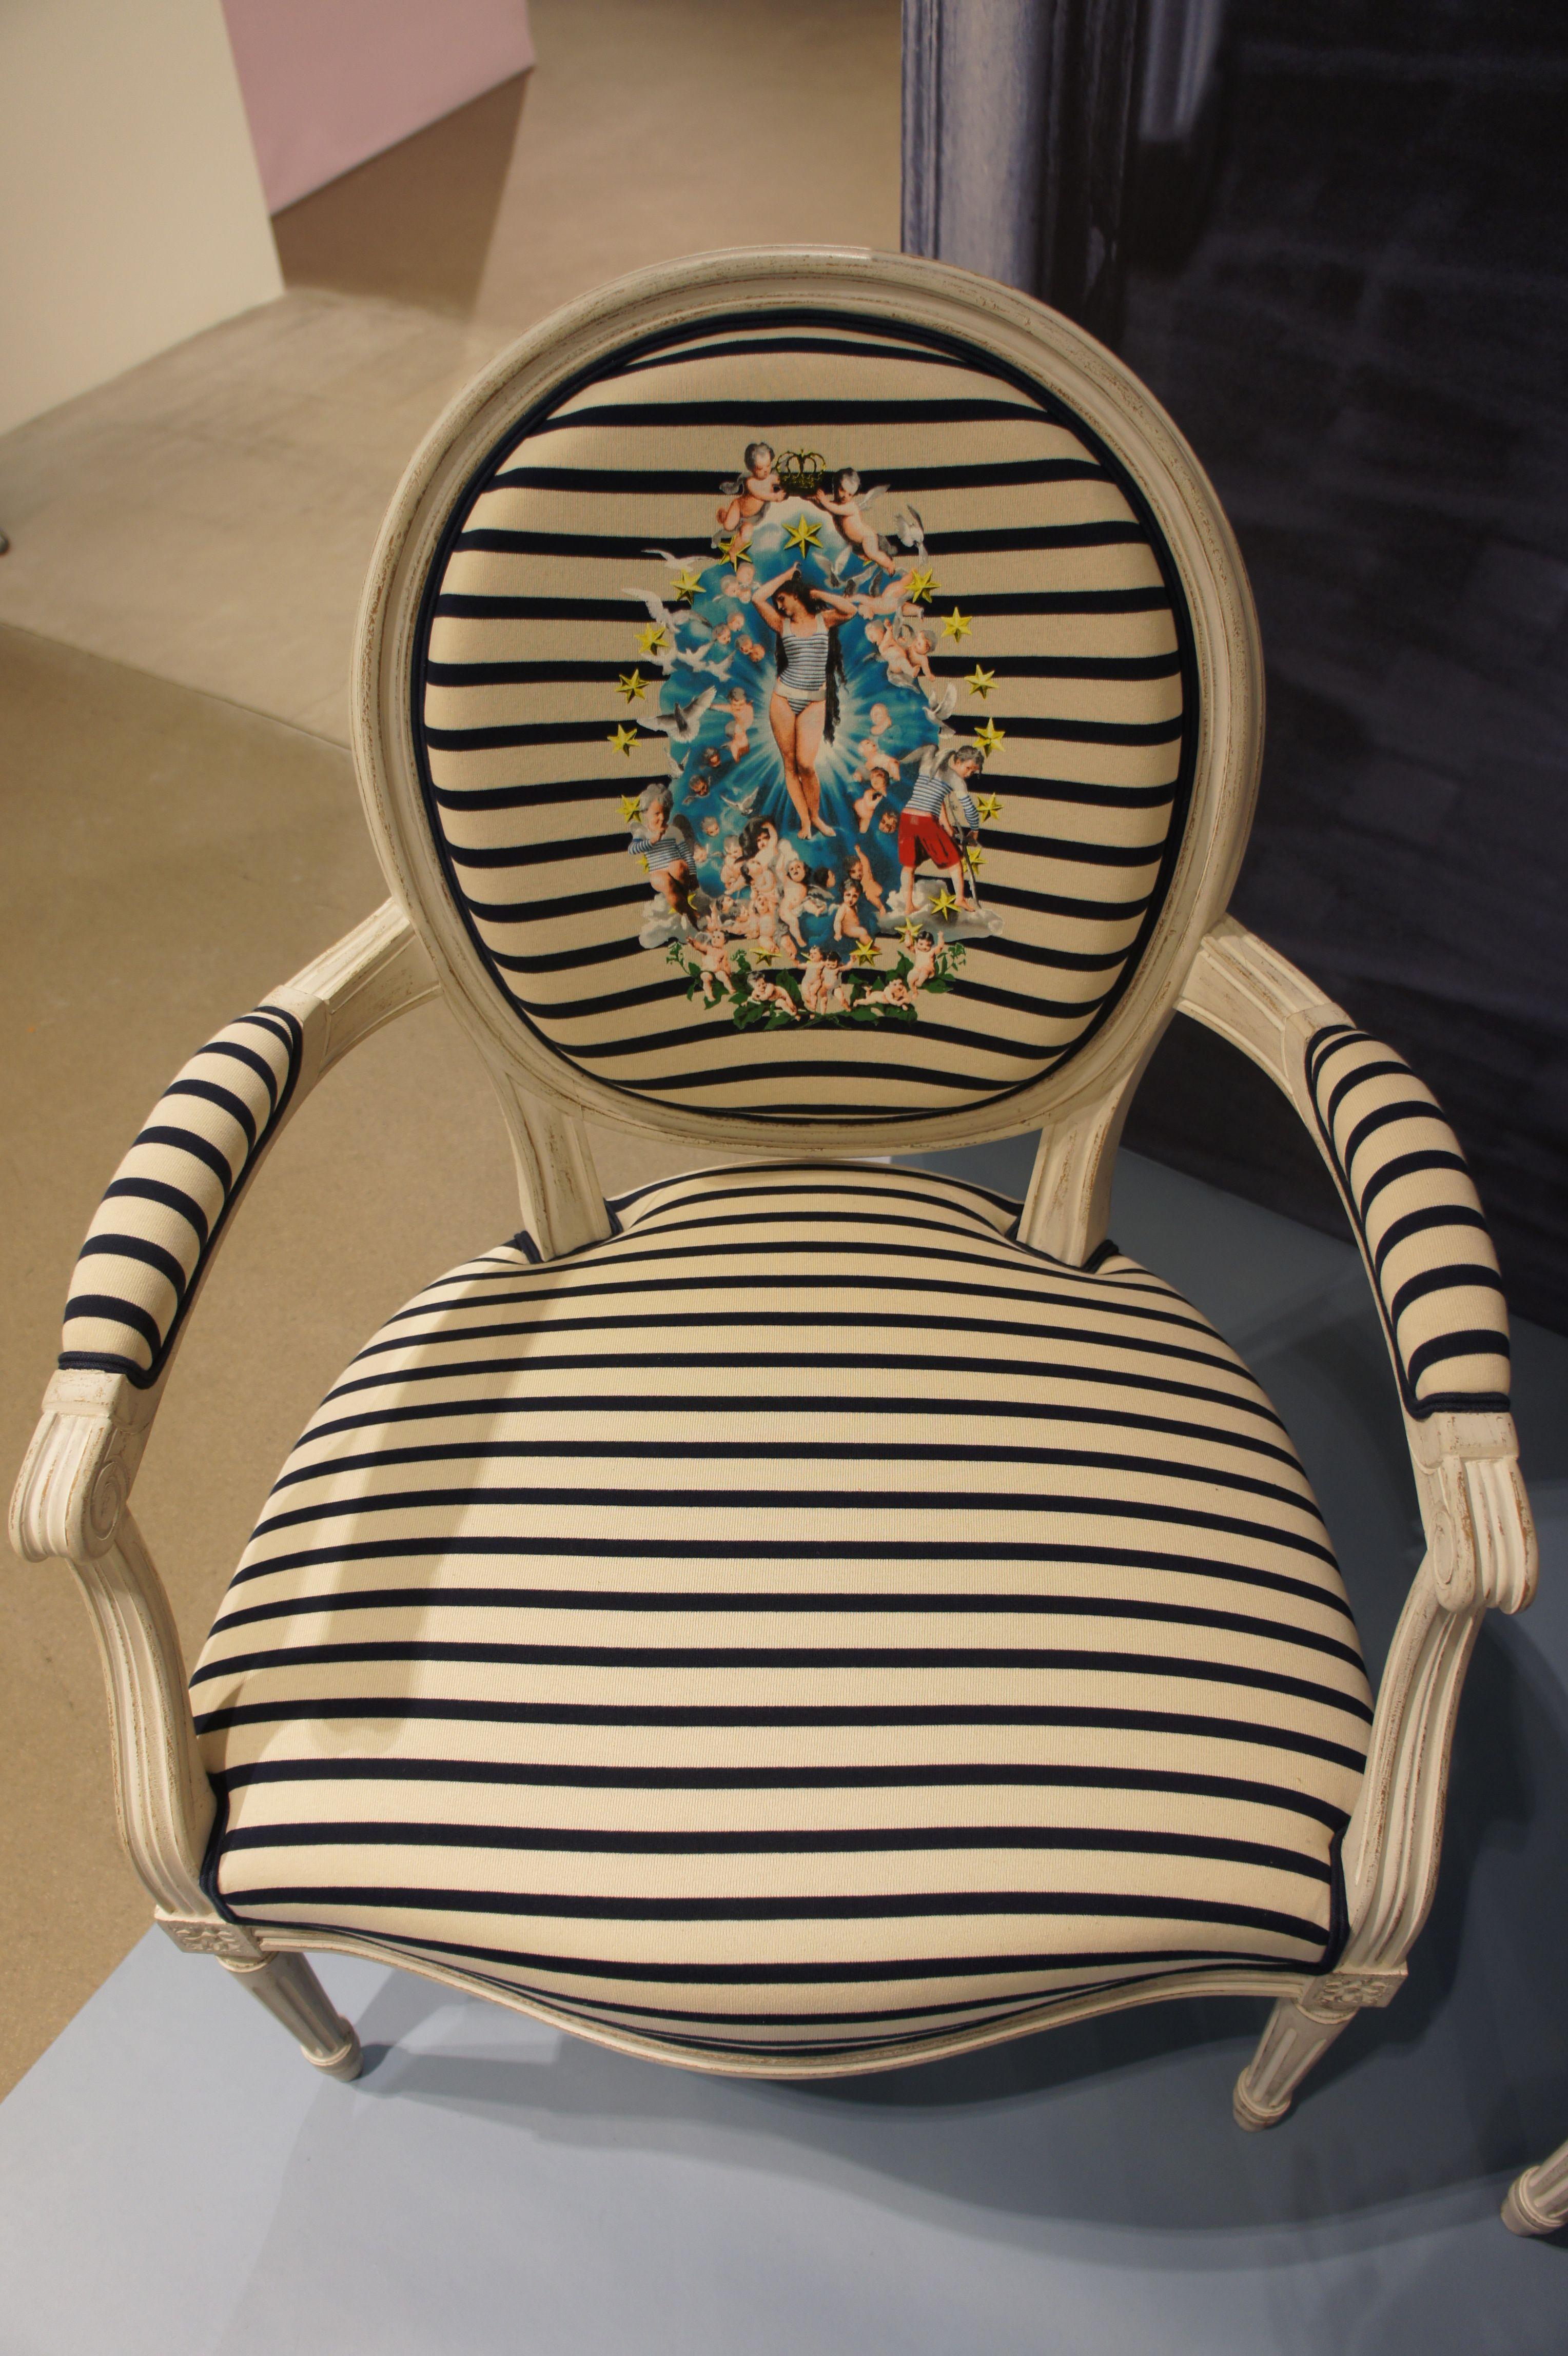 Fauteuil florian large fauteuil canap fauteuil voltaire fauteuil et meuble - Meuble voltaire ...